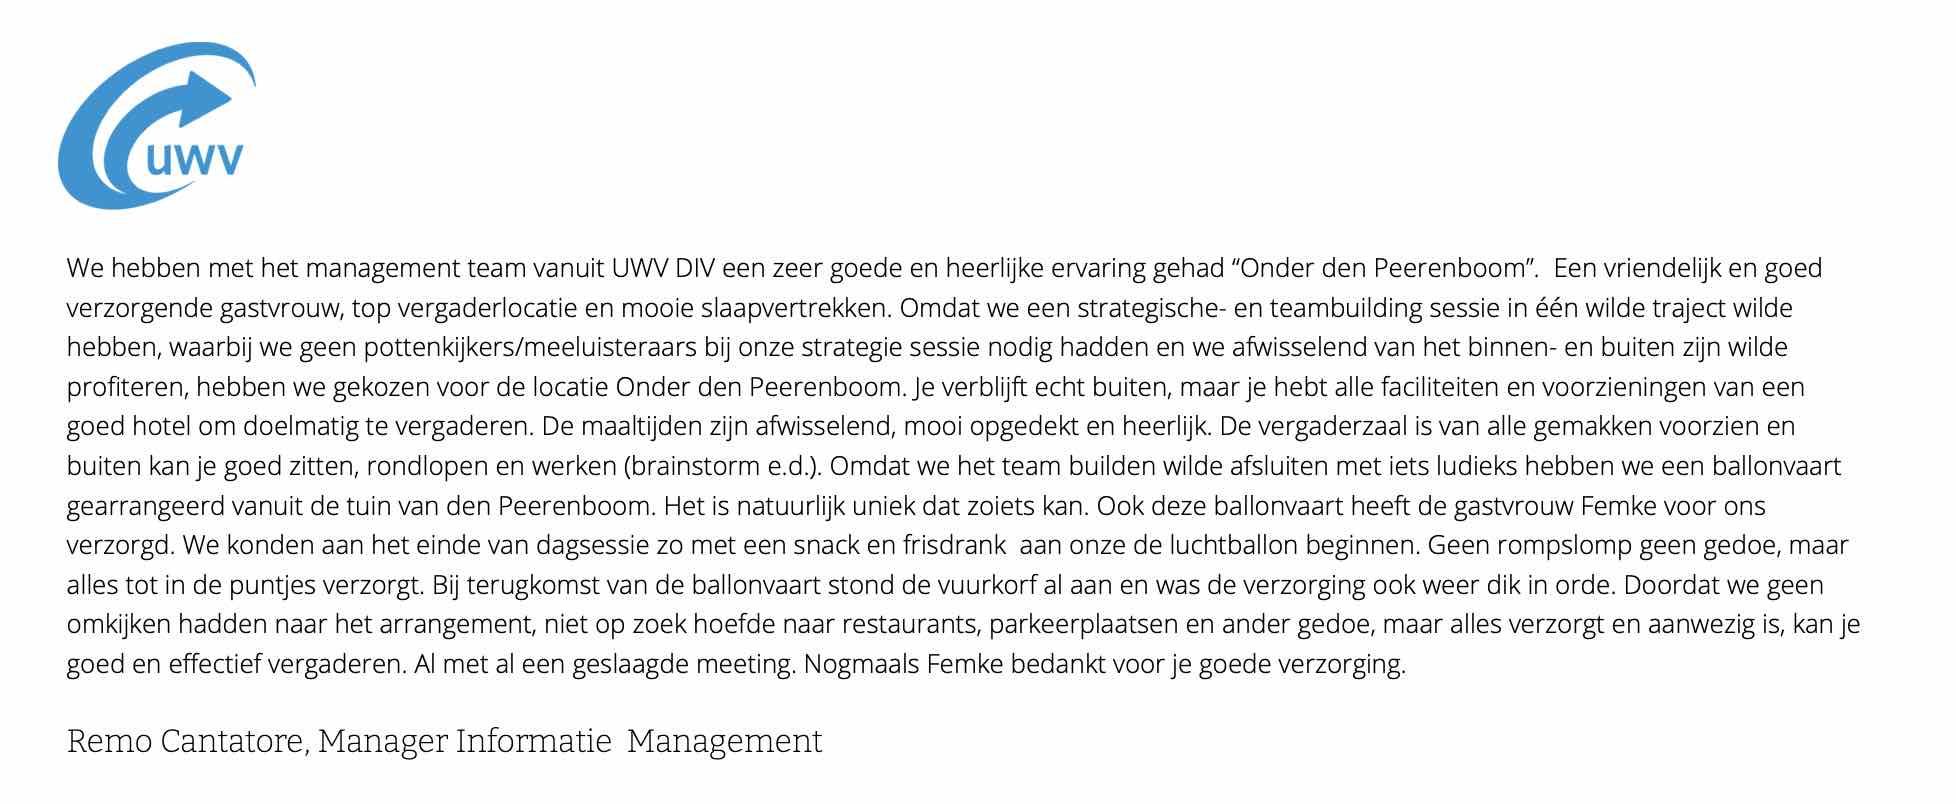 Reference UWV_2